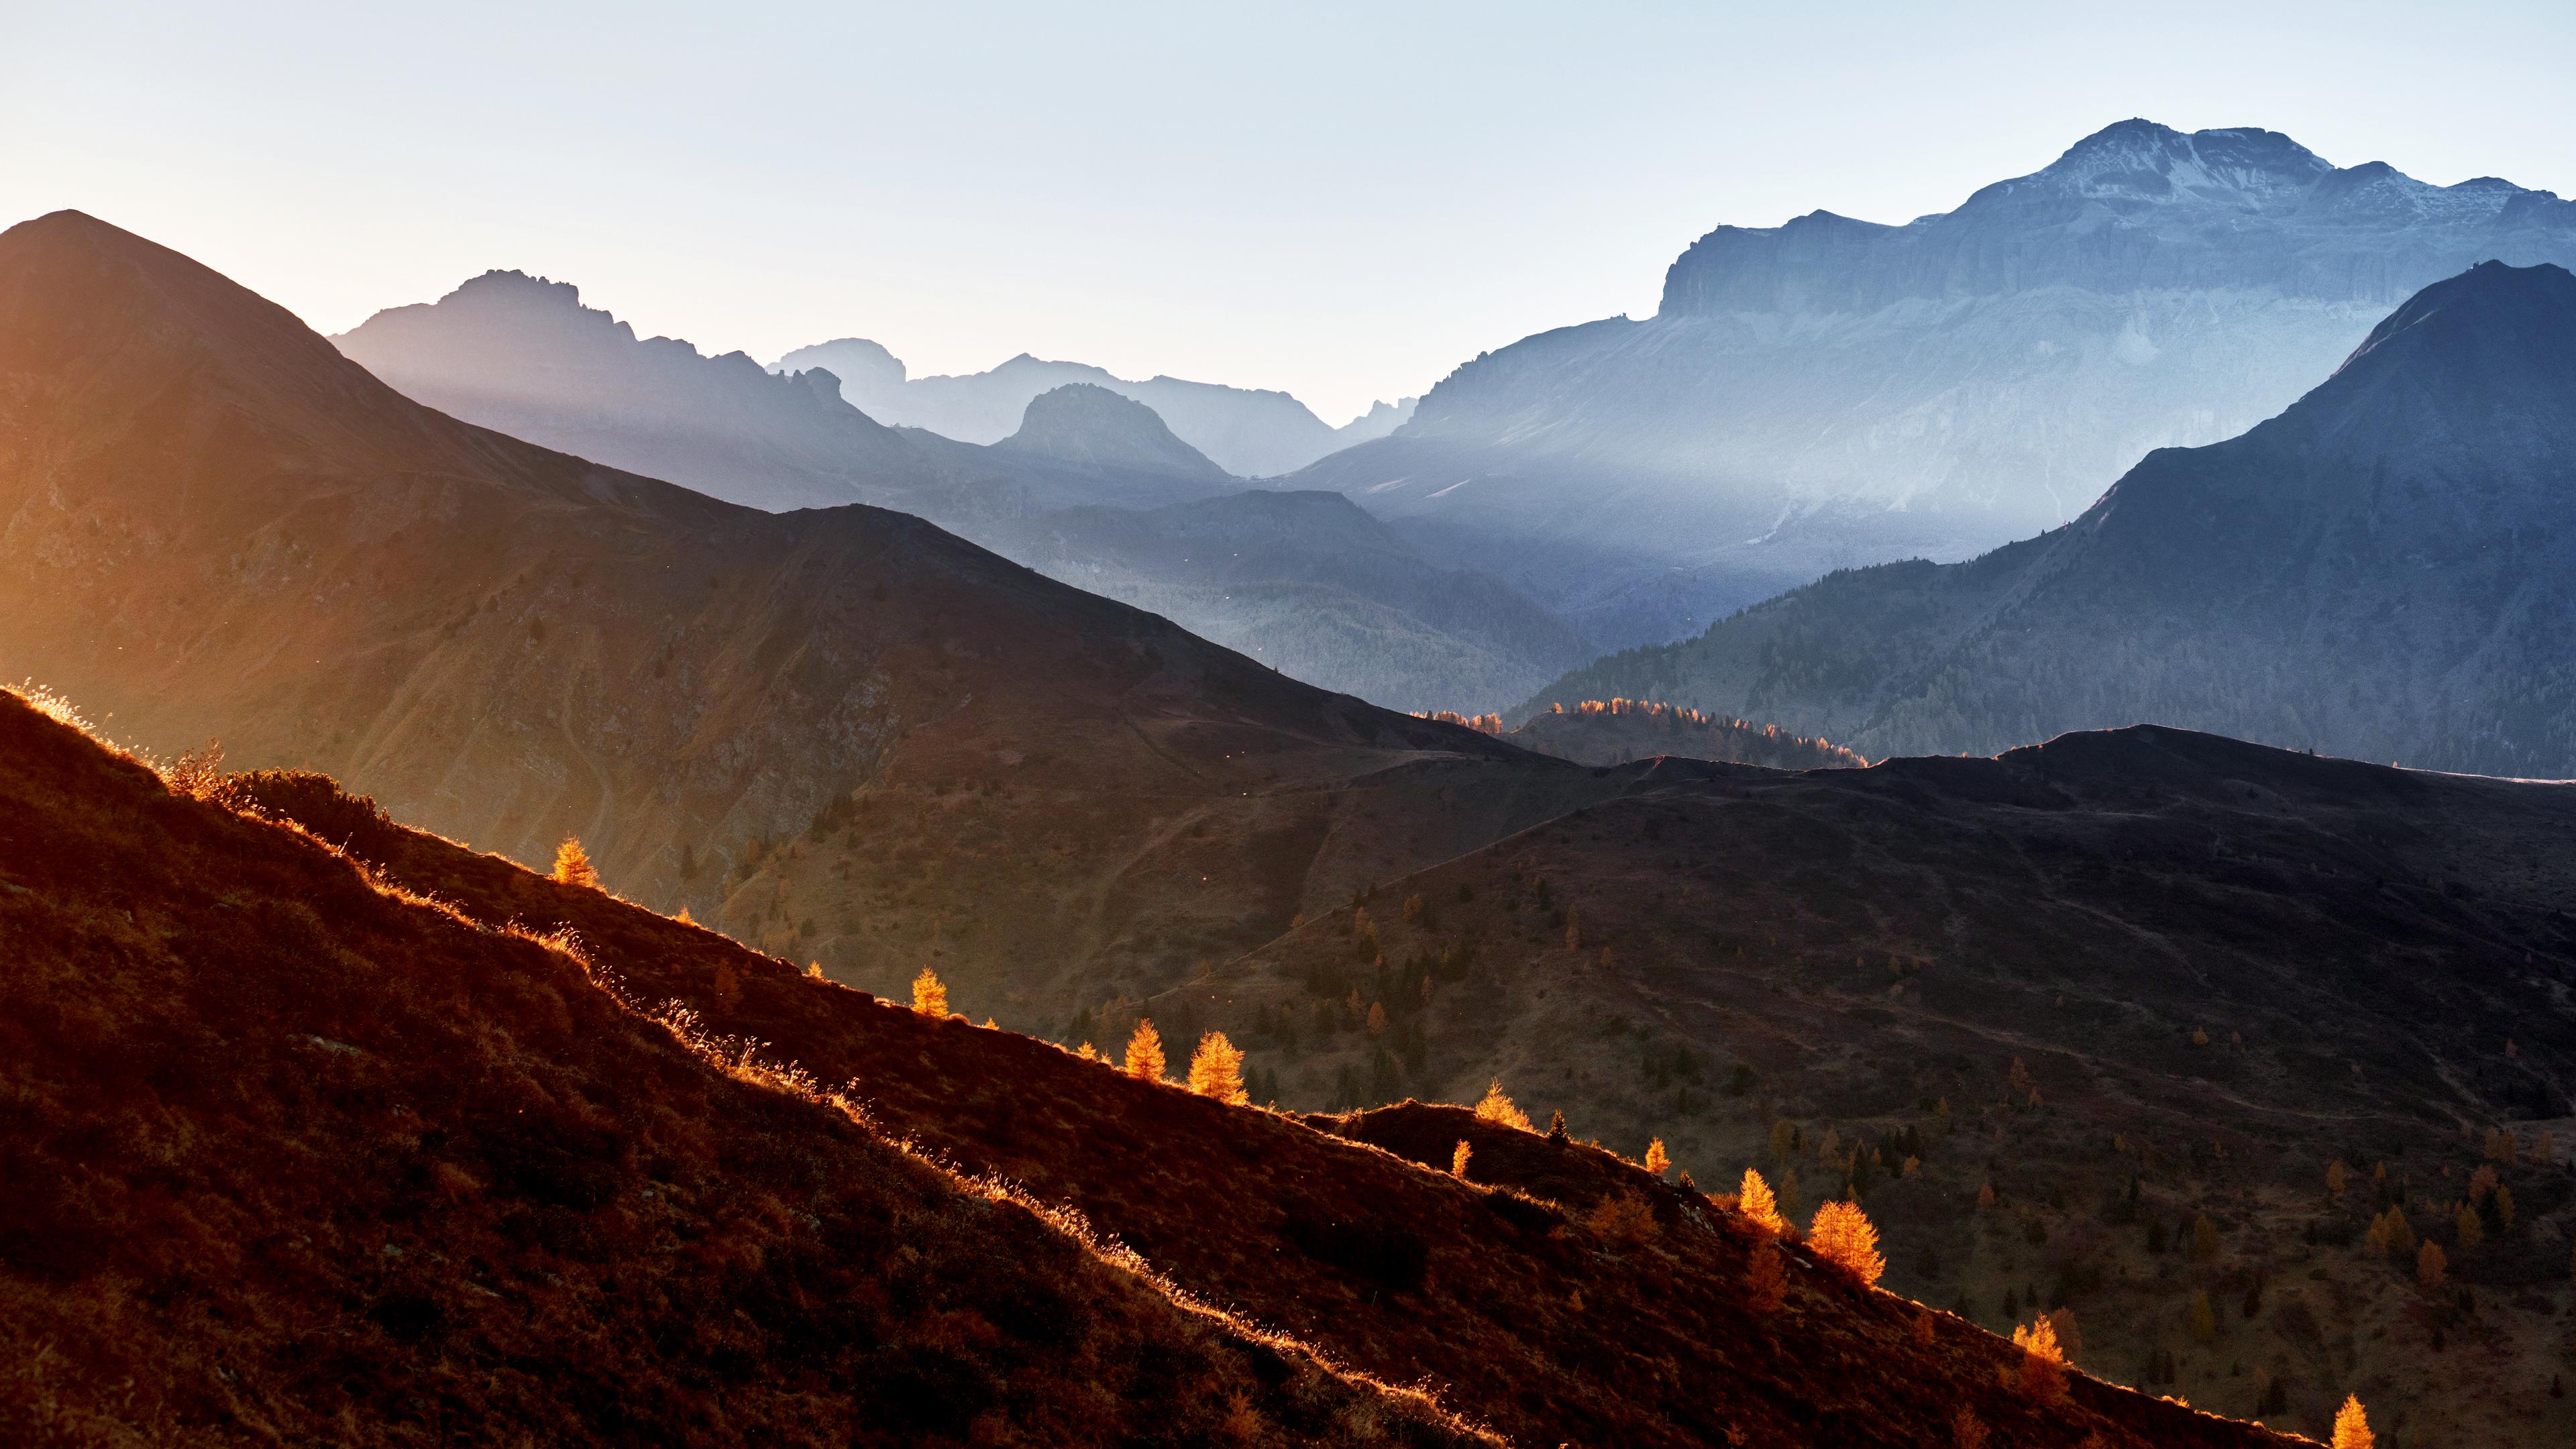 Склоны горных вершин окутаны утренним туманом и яркими лучами солнца